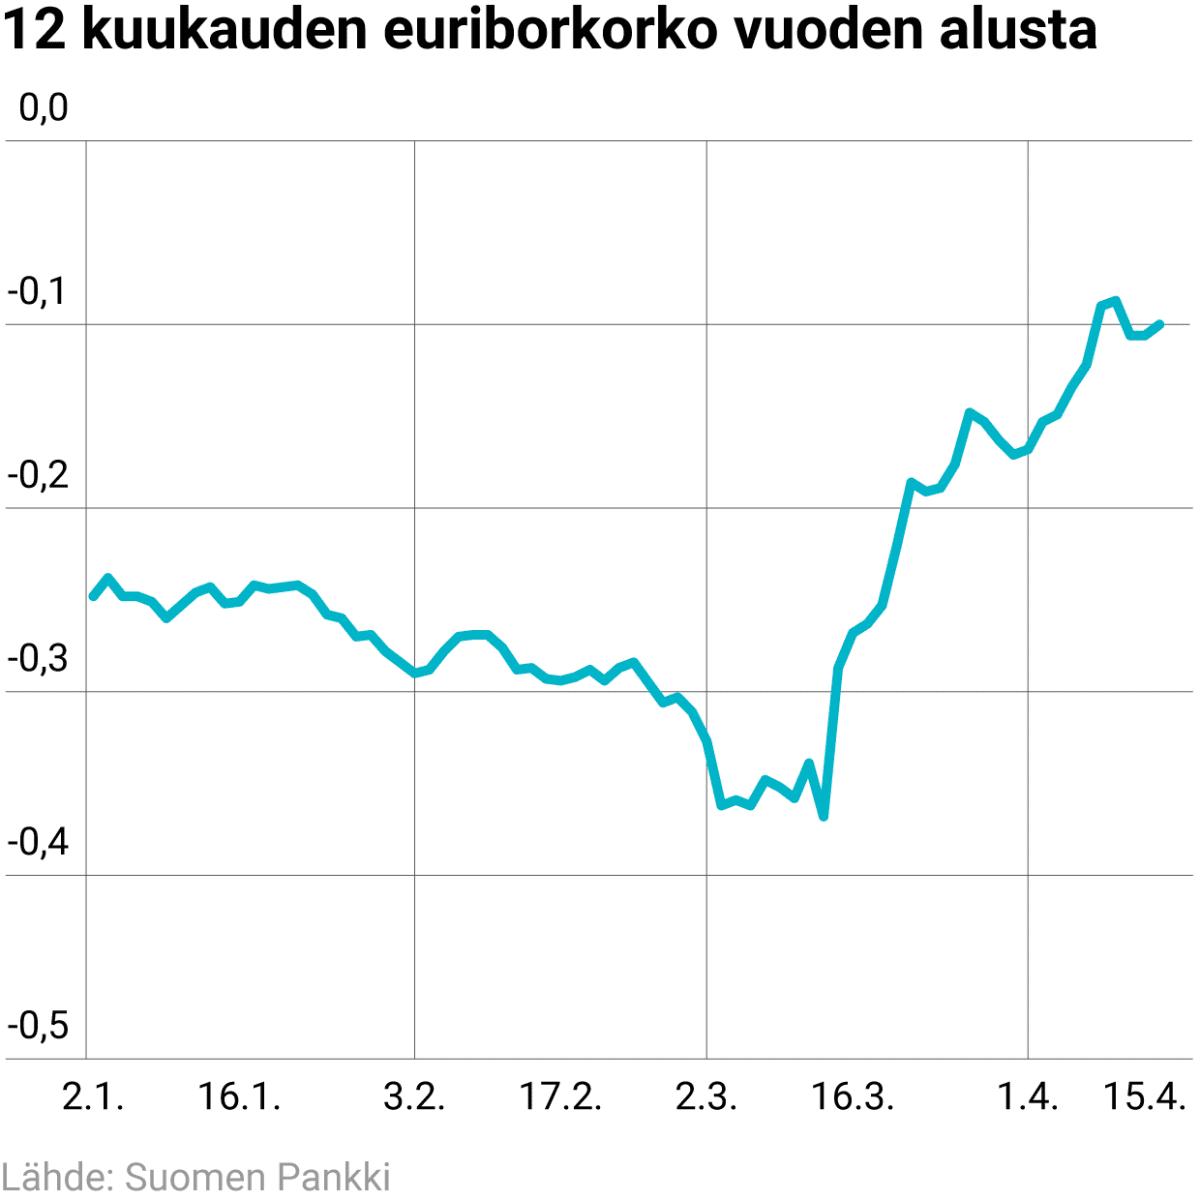 12 kuukauden Euribor-korko vuoden alusta